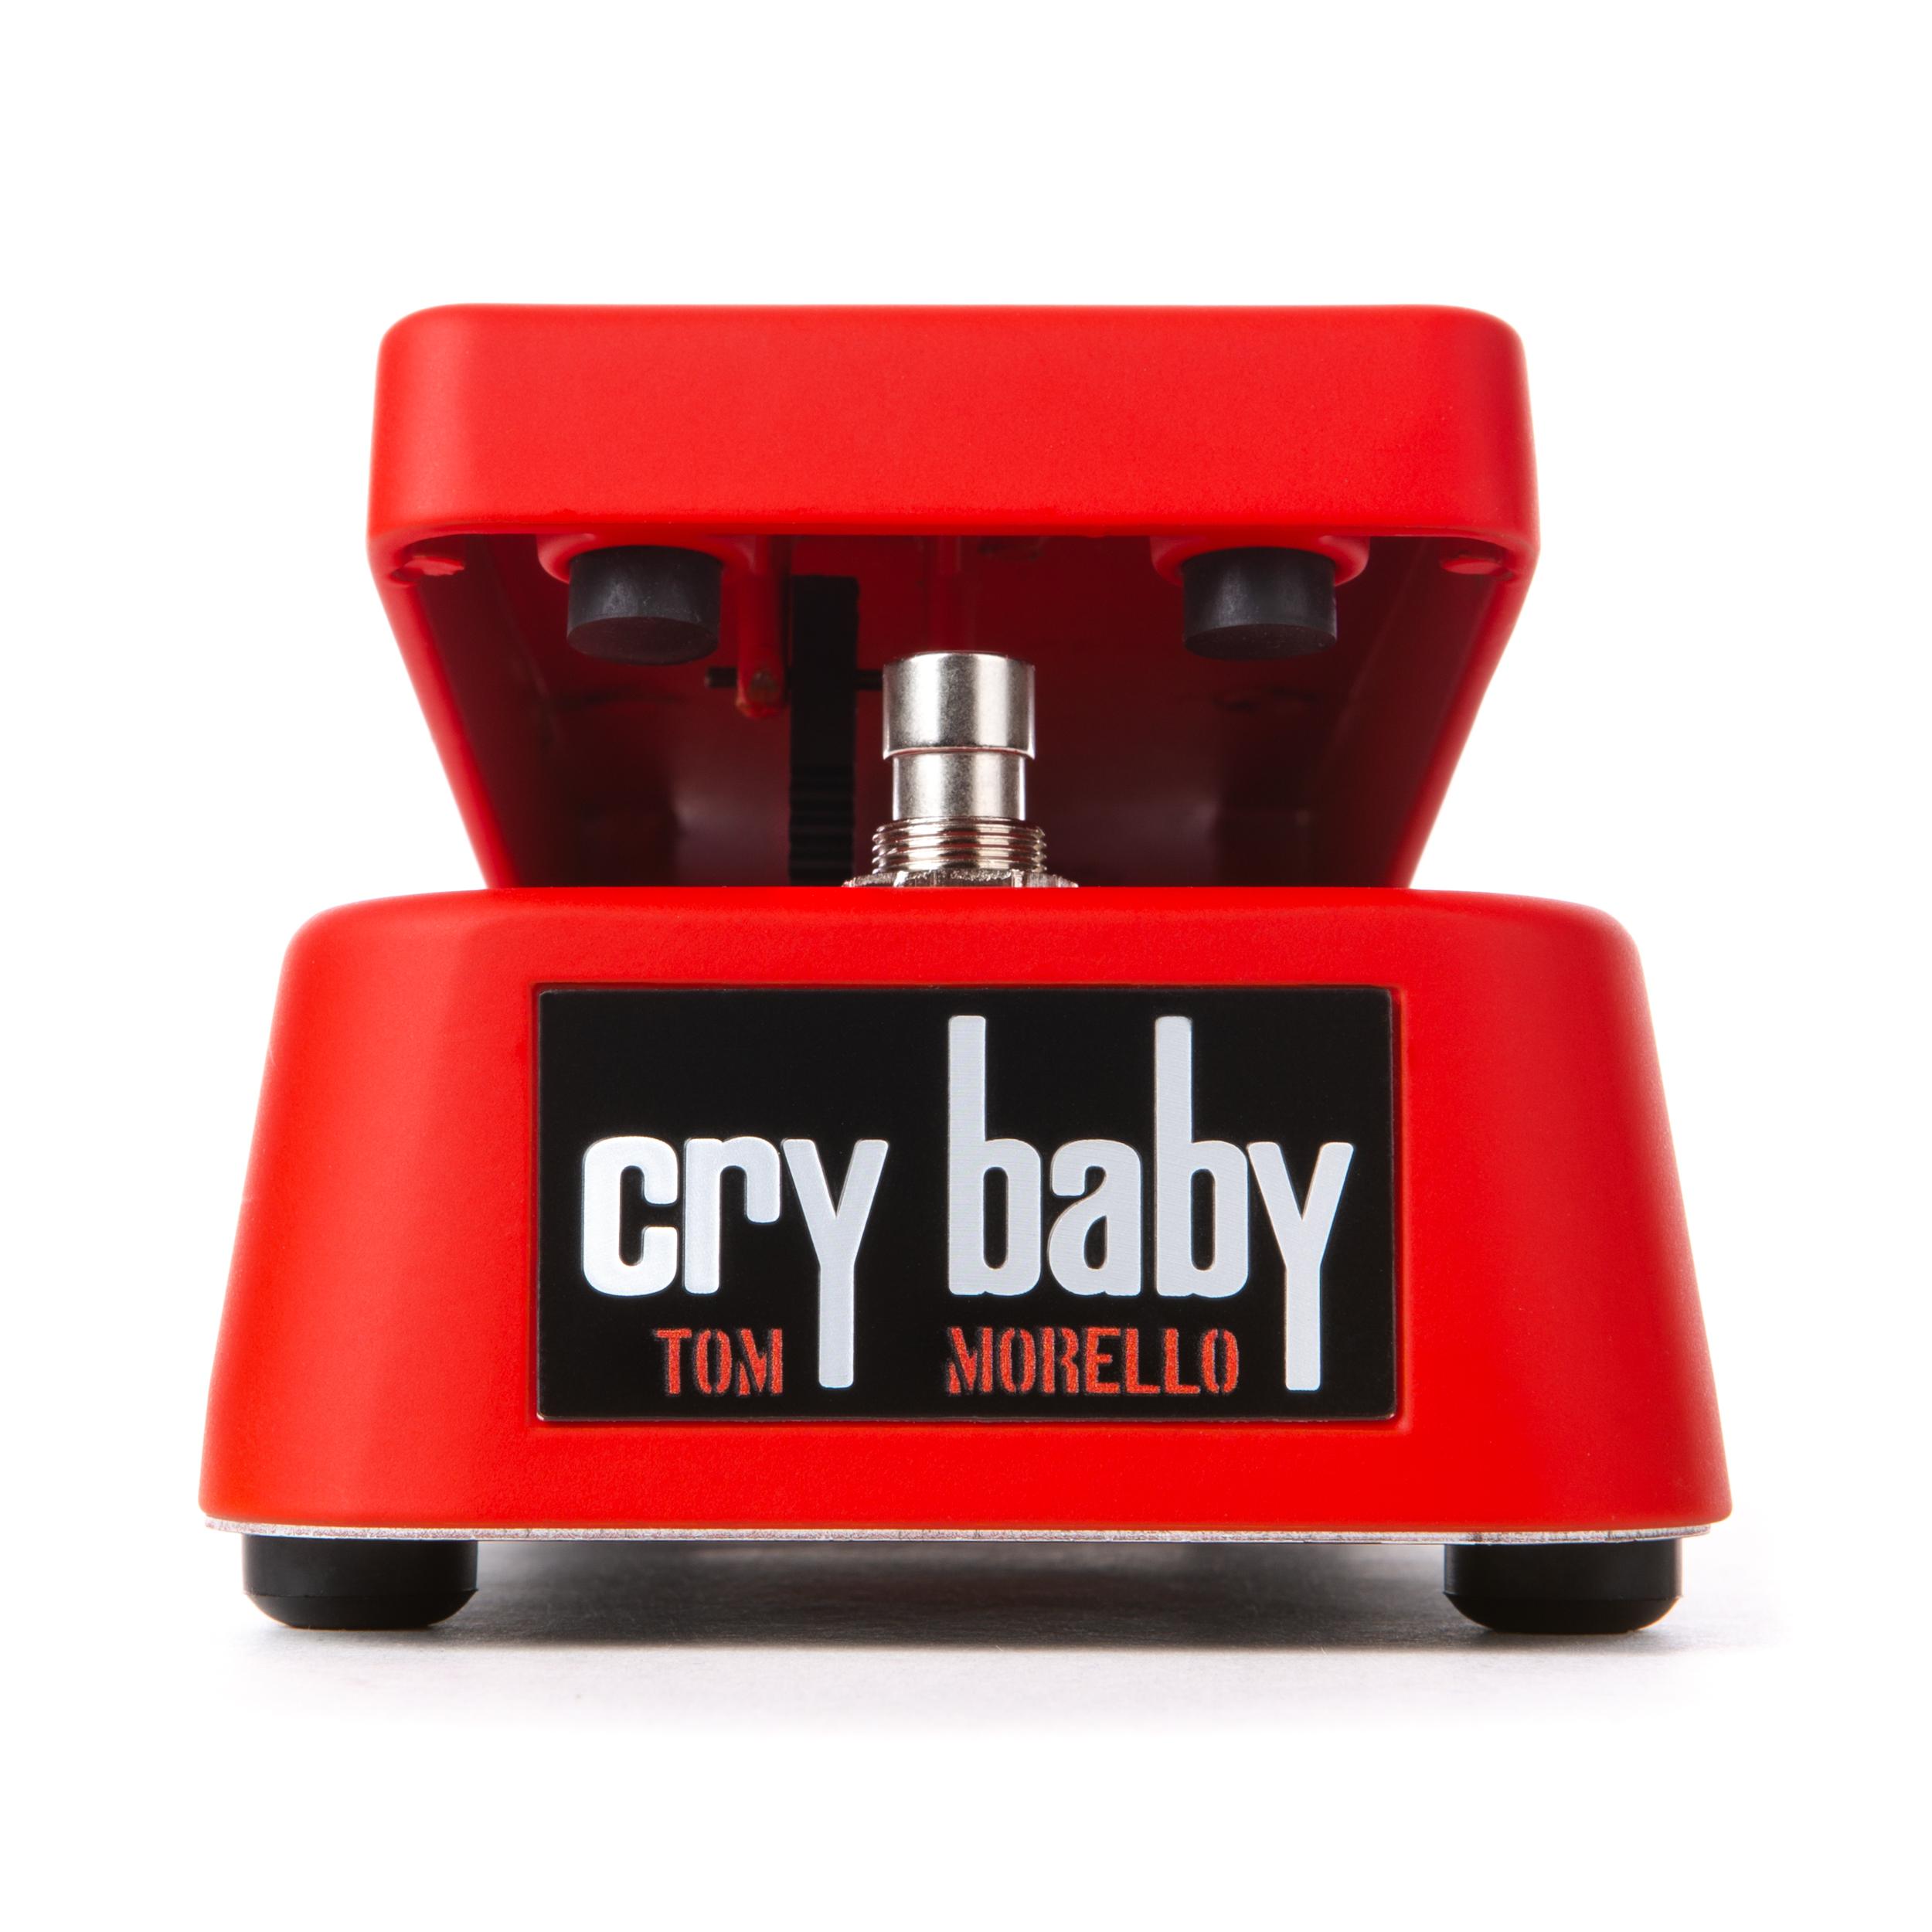 Tom Morello CryBaby